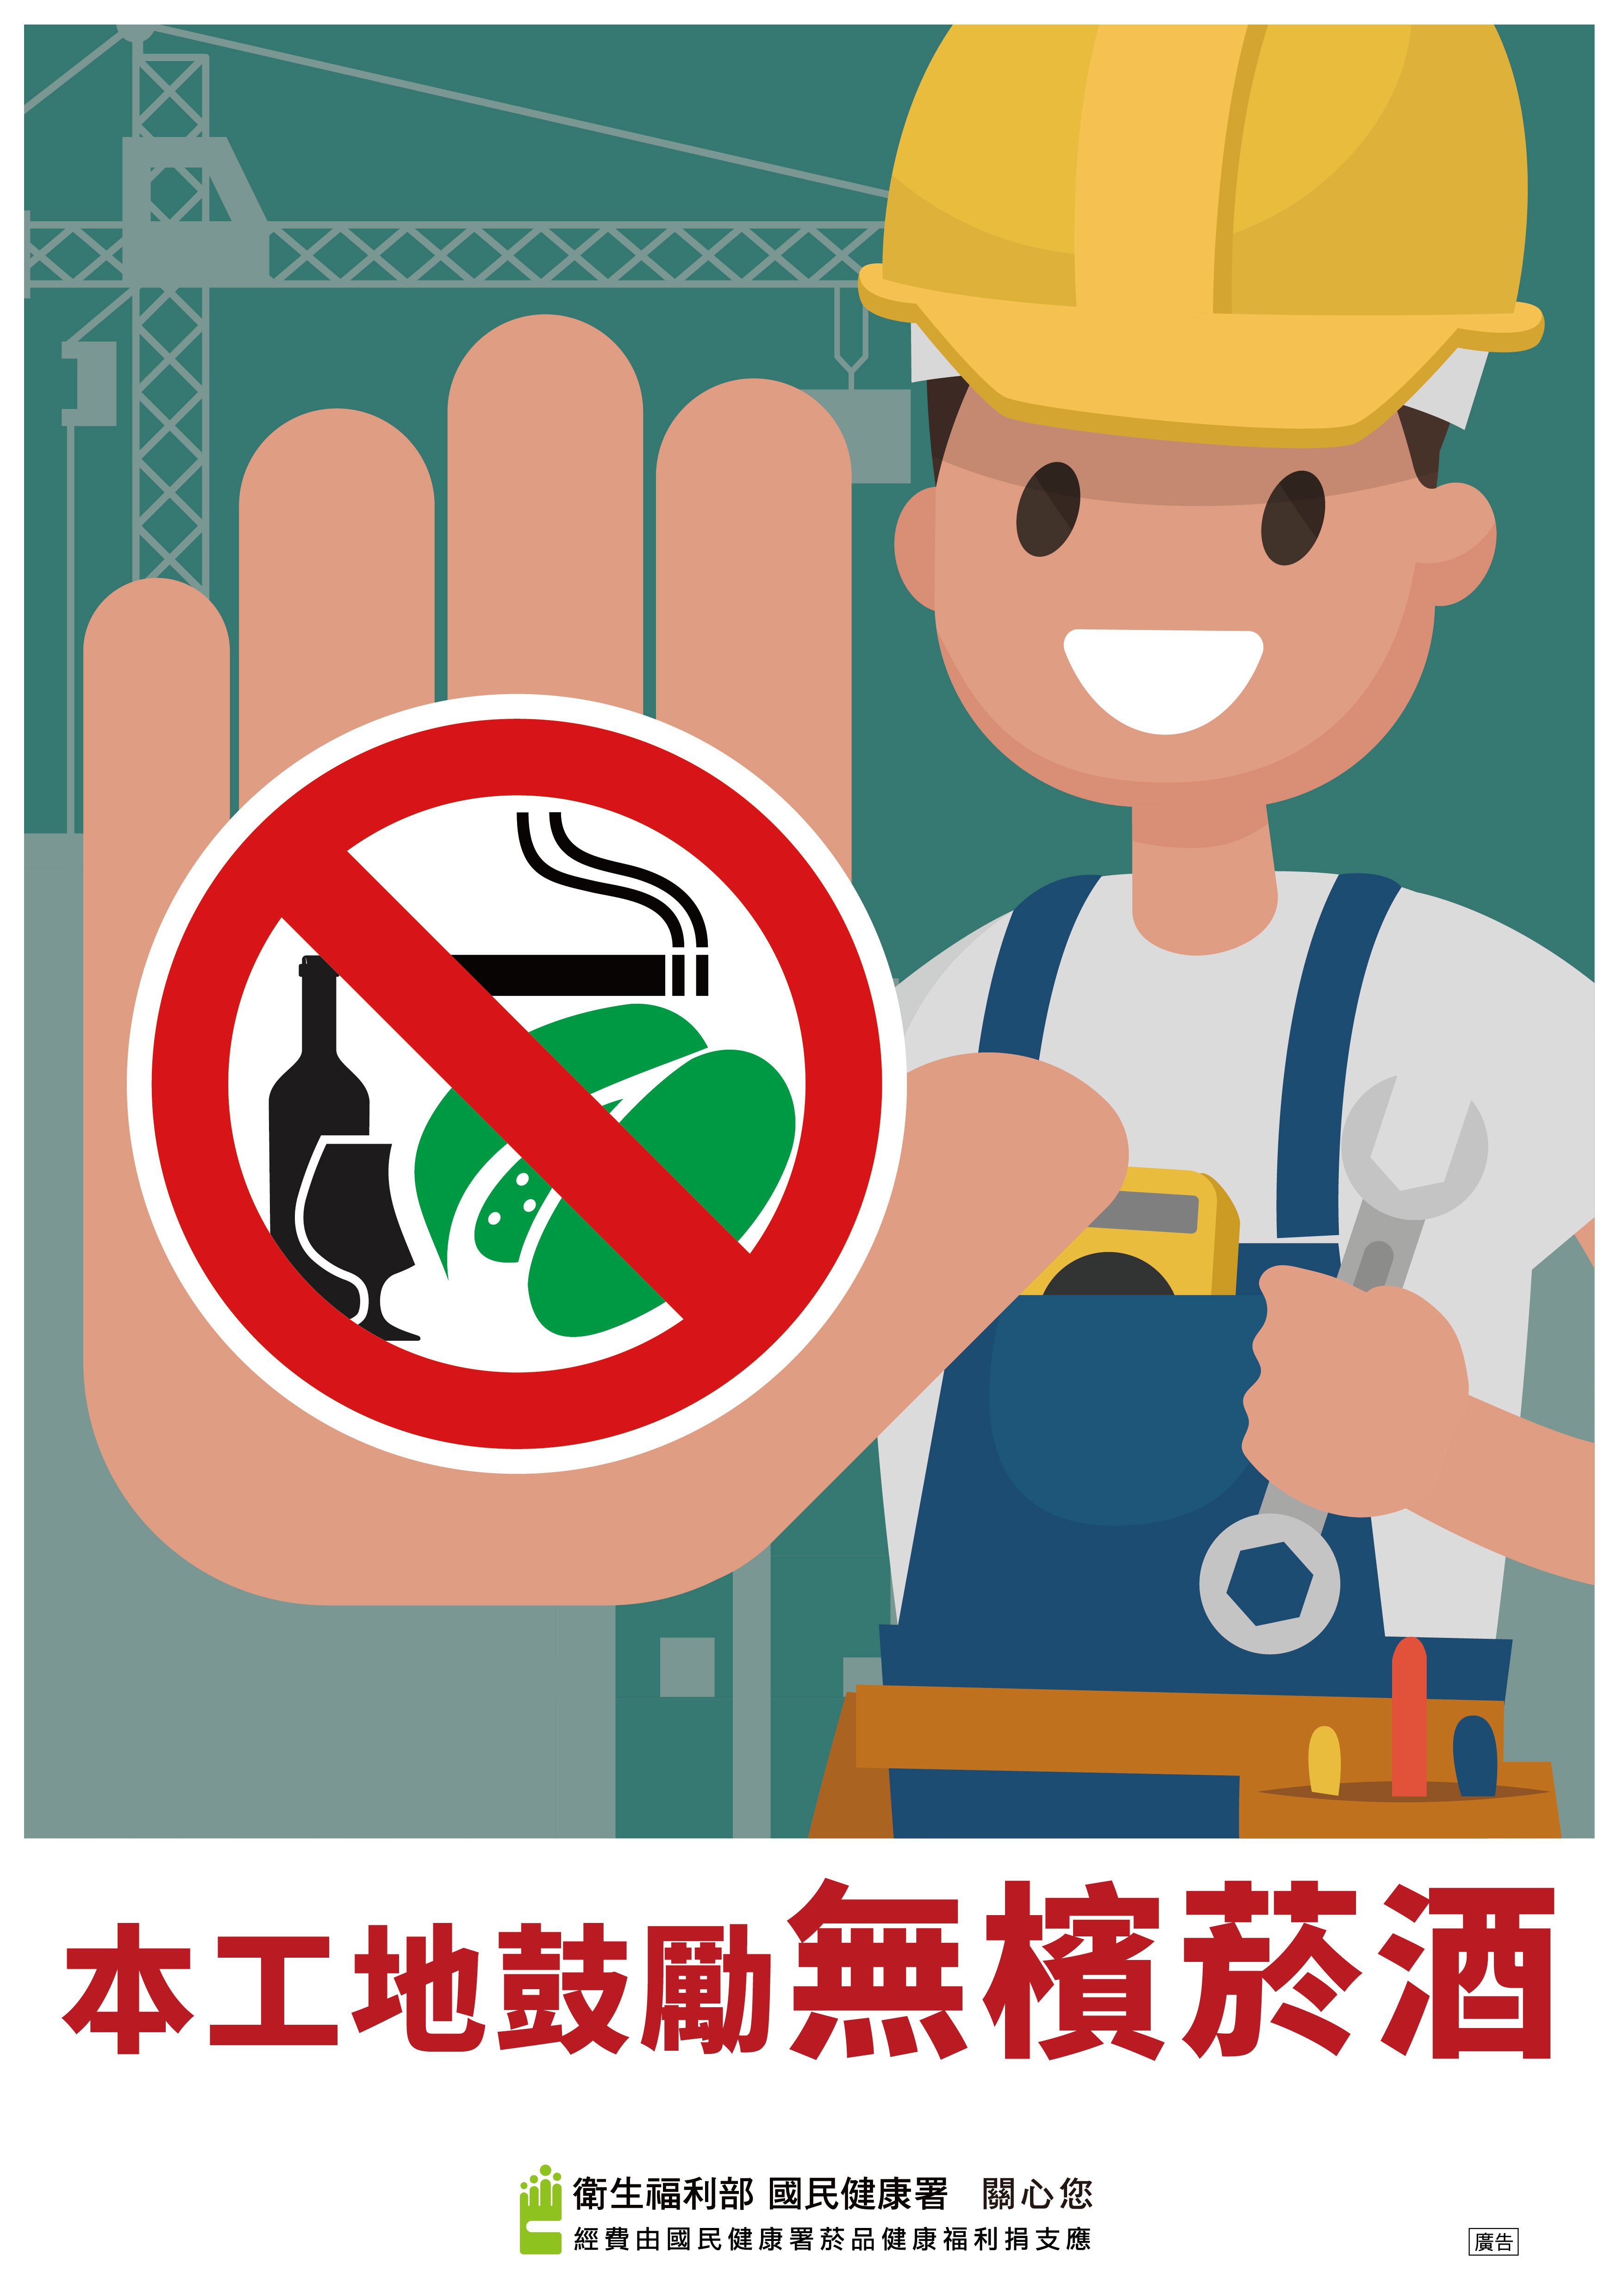 本工地鼓勵無檳菸酒